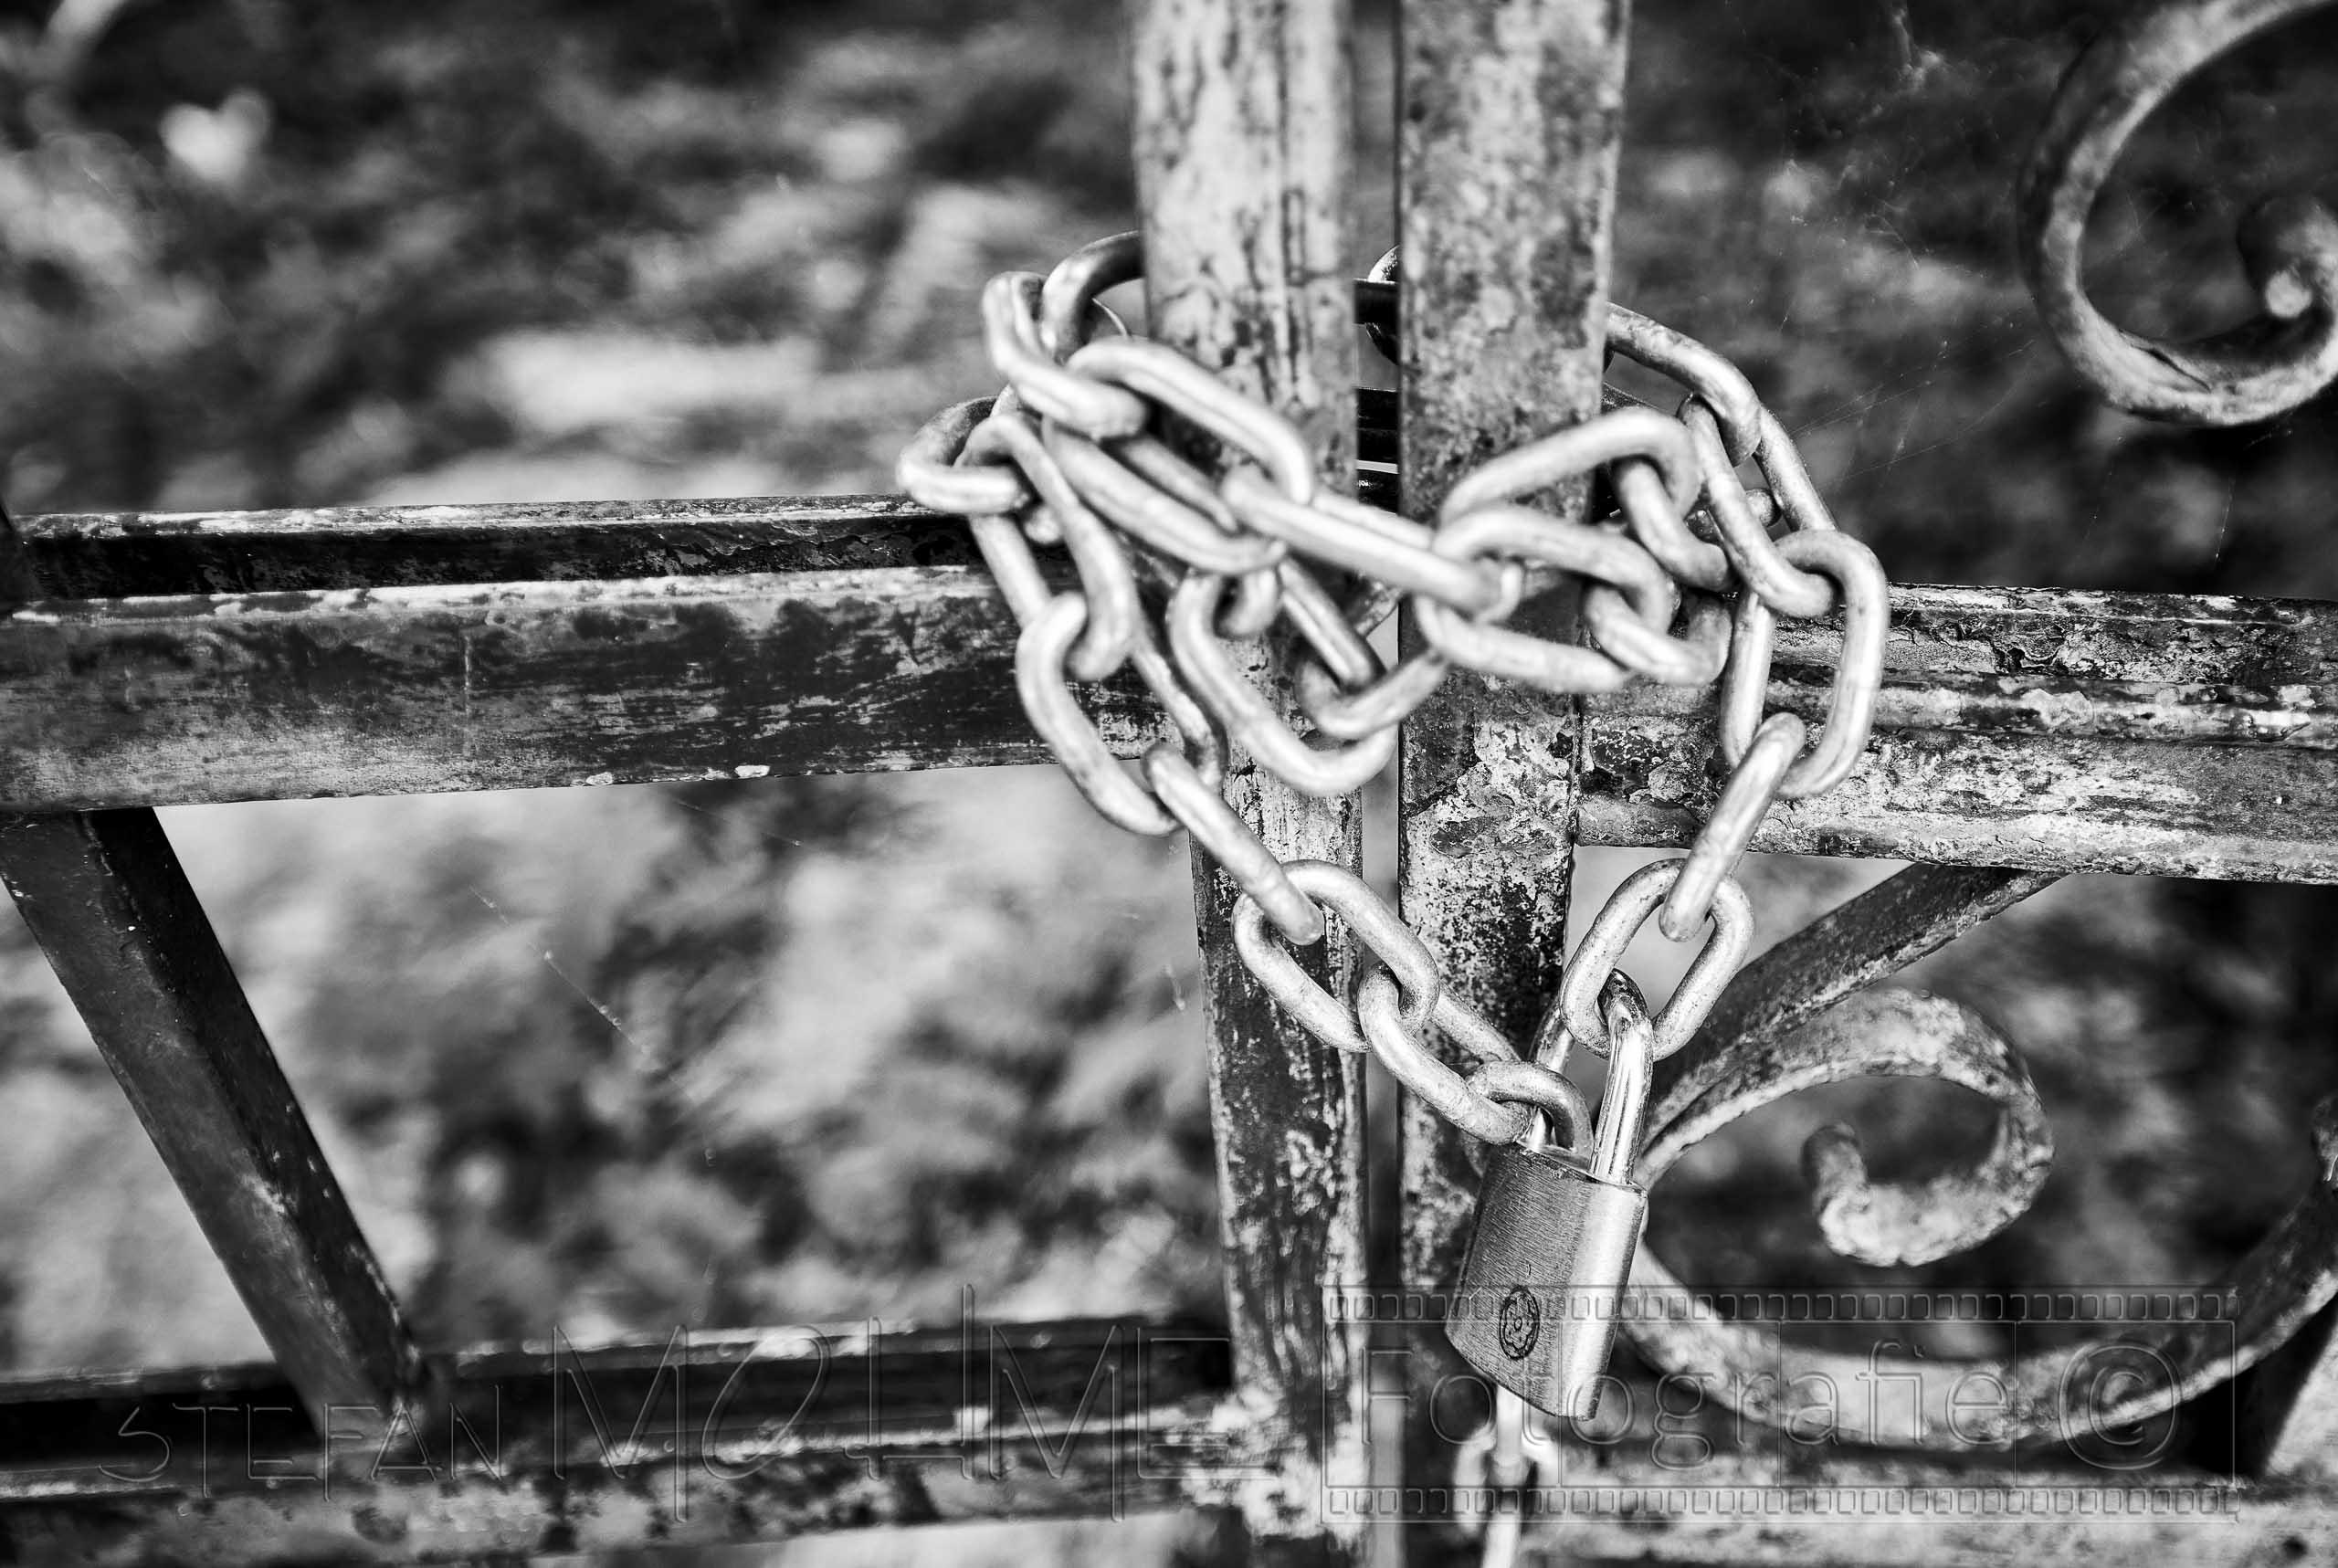 Stahlkette ,altem Tor, Nahaufnahme